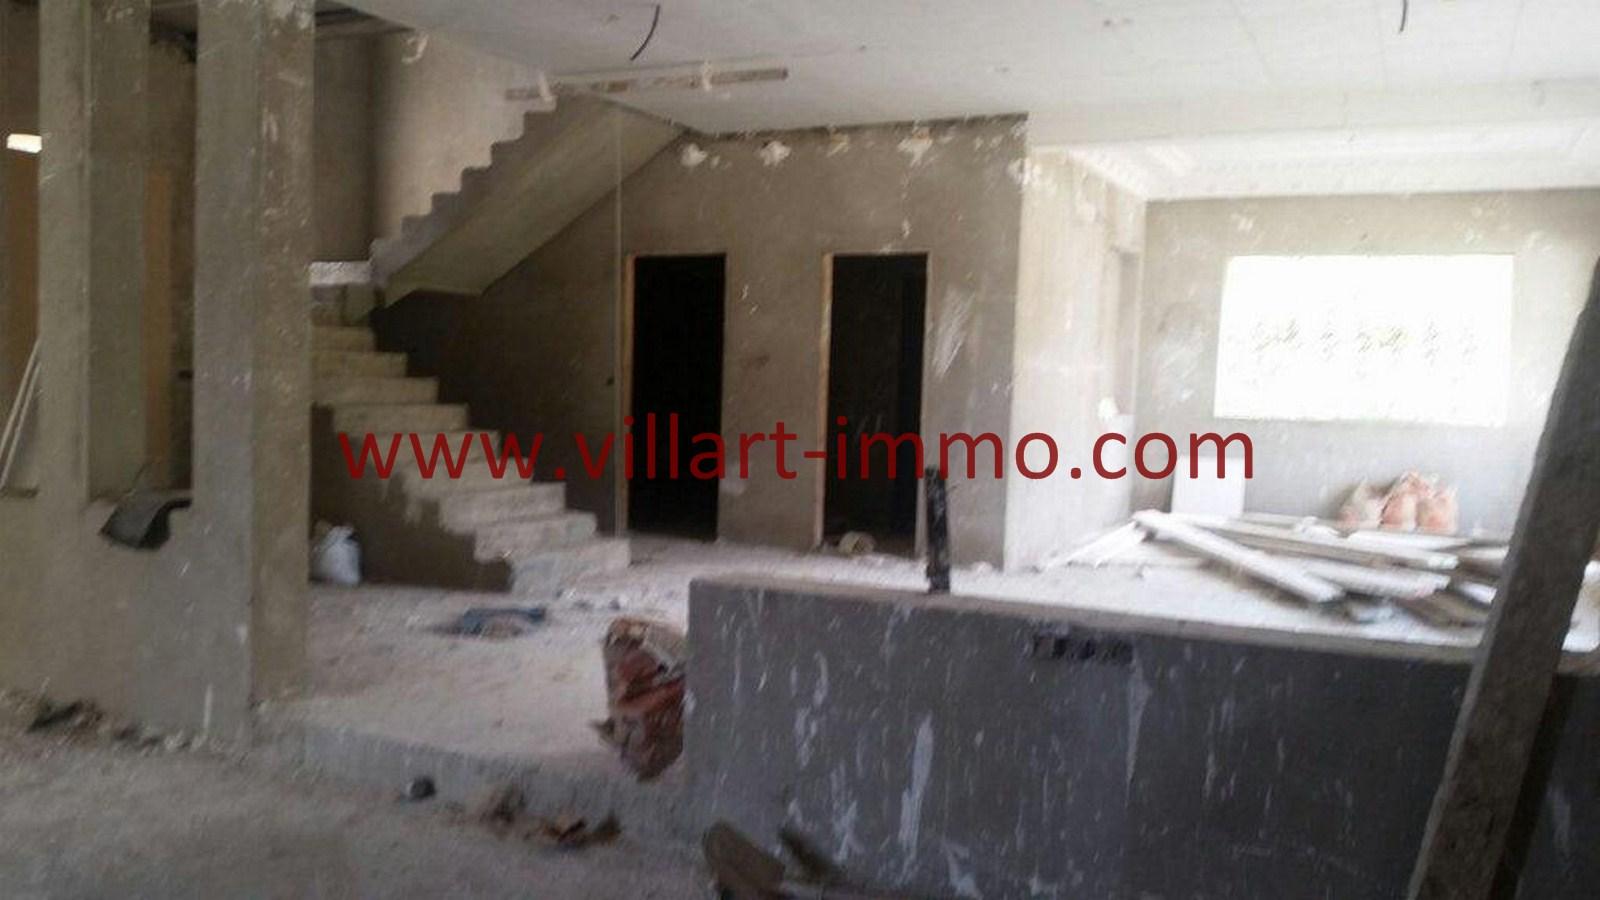 4-Vente-Villa-Tanger-Moujahidin-Salon 2-VV495-Villart Immo